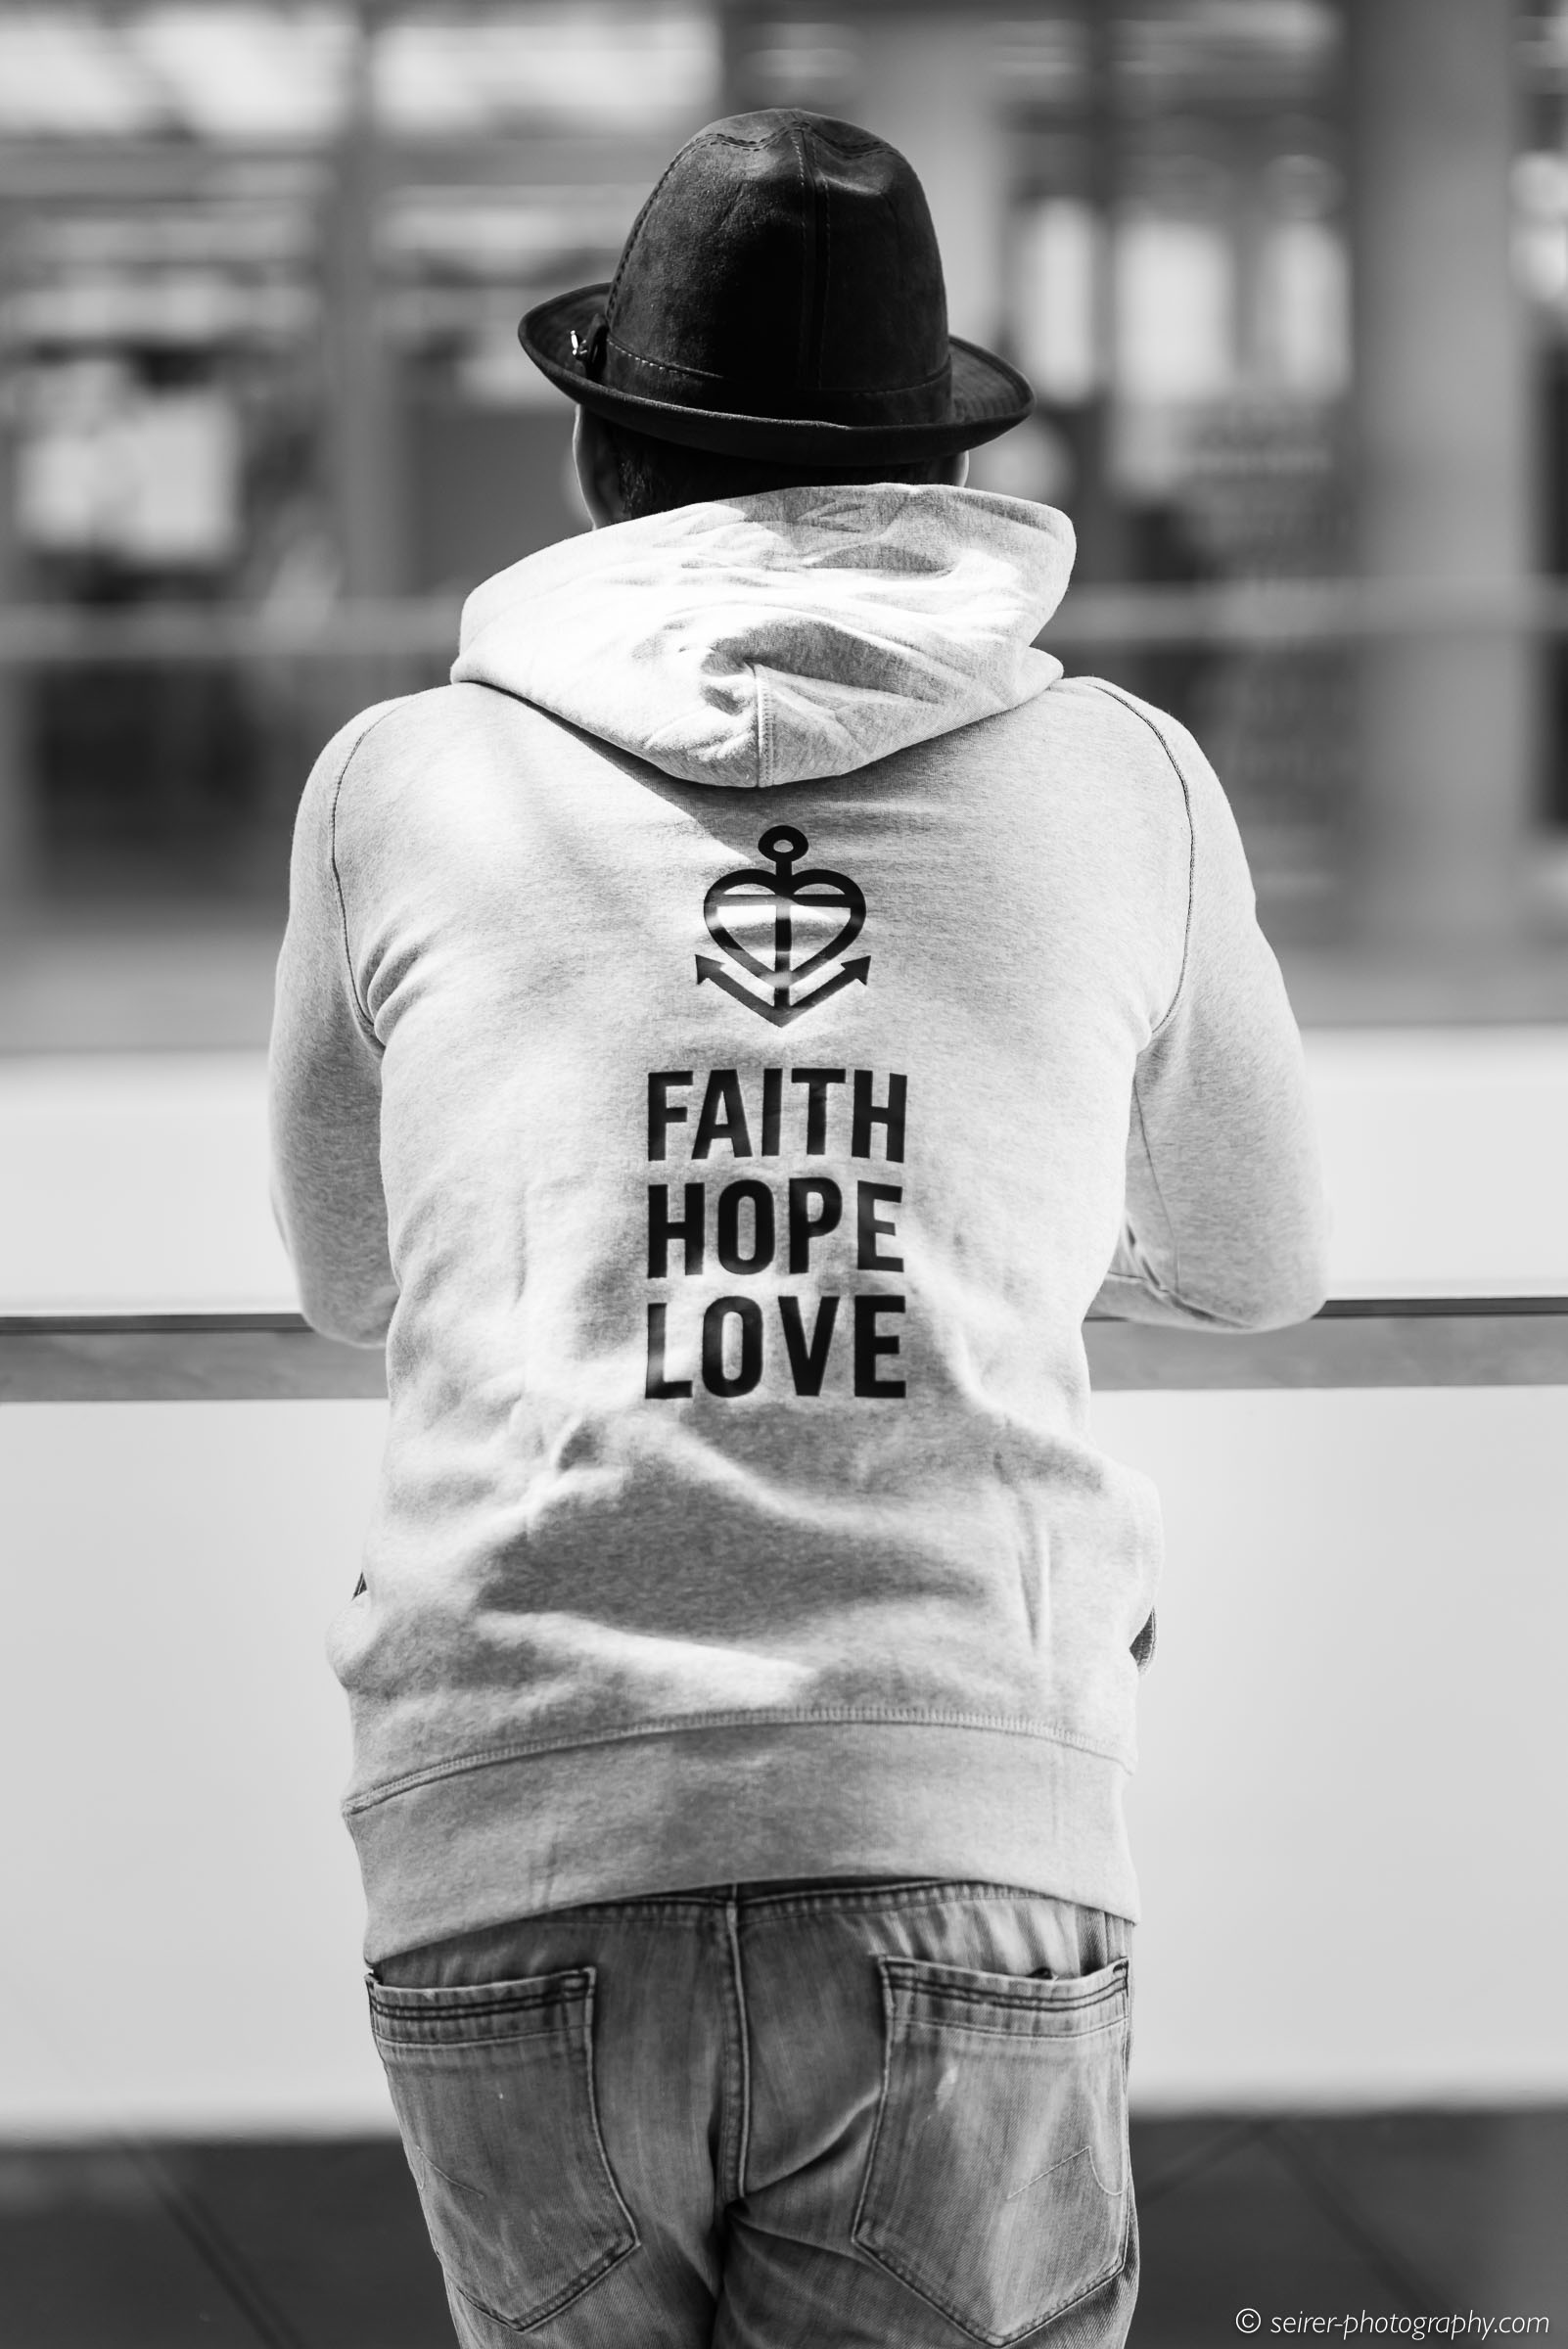 Issa für das Glaube - Liebe - Hoffnung Projekt